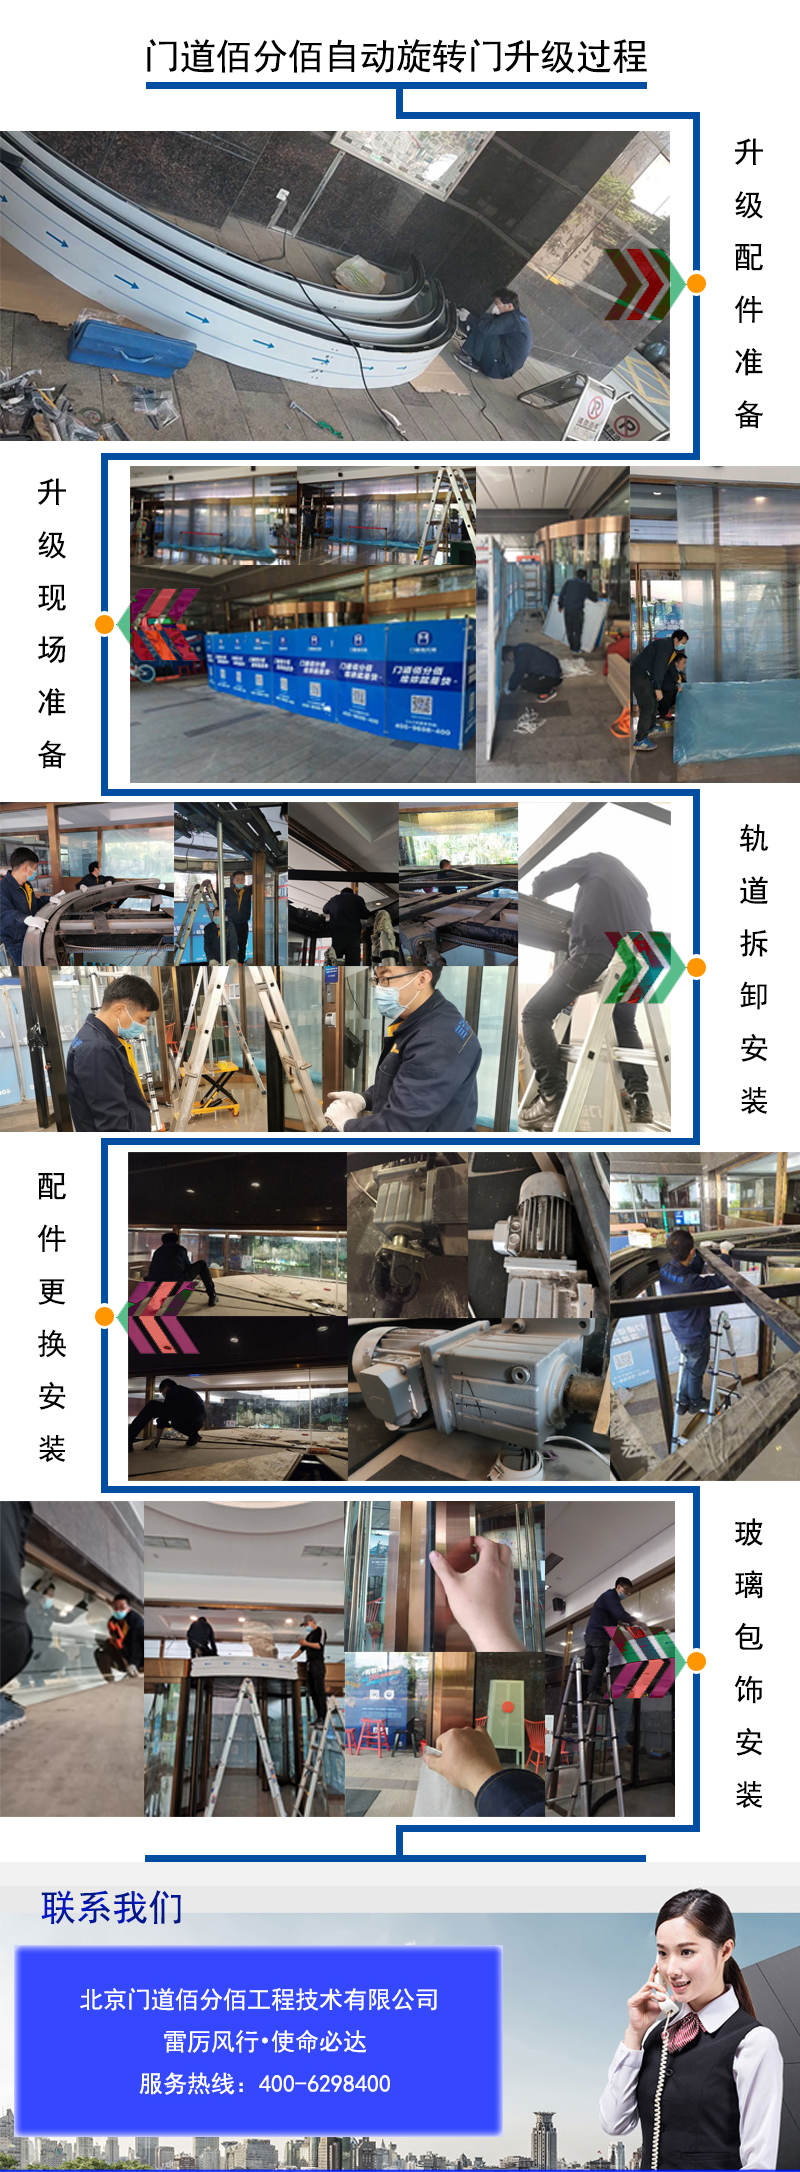 宝盾自动旋转门故障处理北京东城酒店两翼门维修升级服务过程